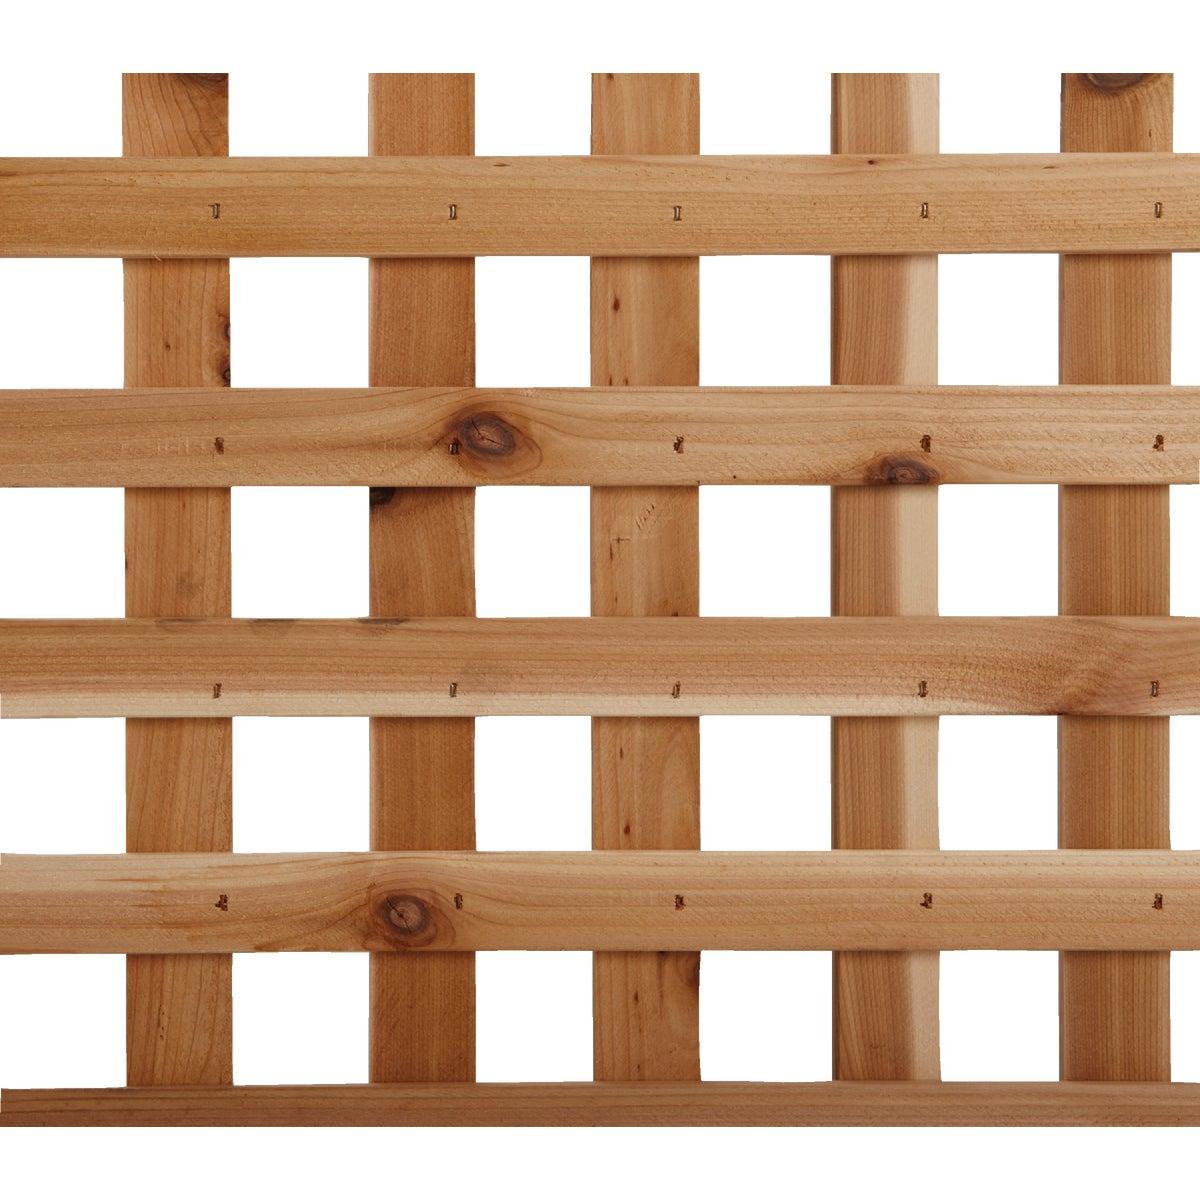 4' x 8' Privacy Cedar Lattice Panel